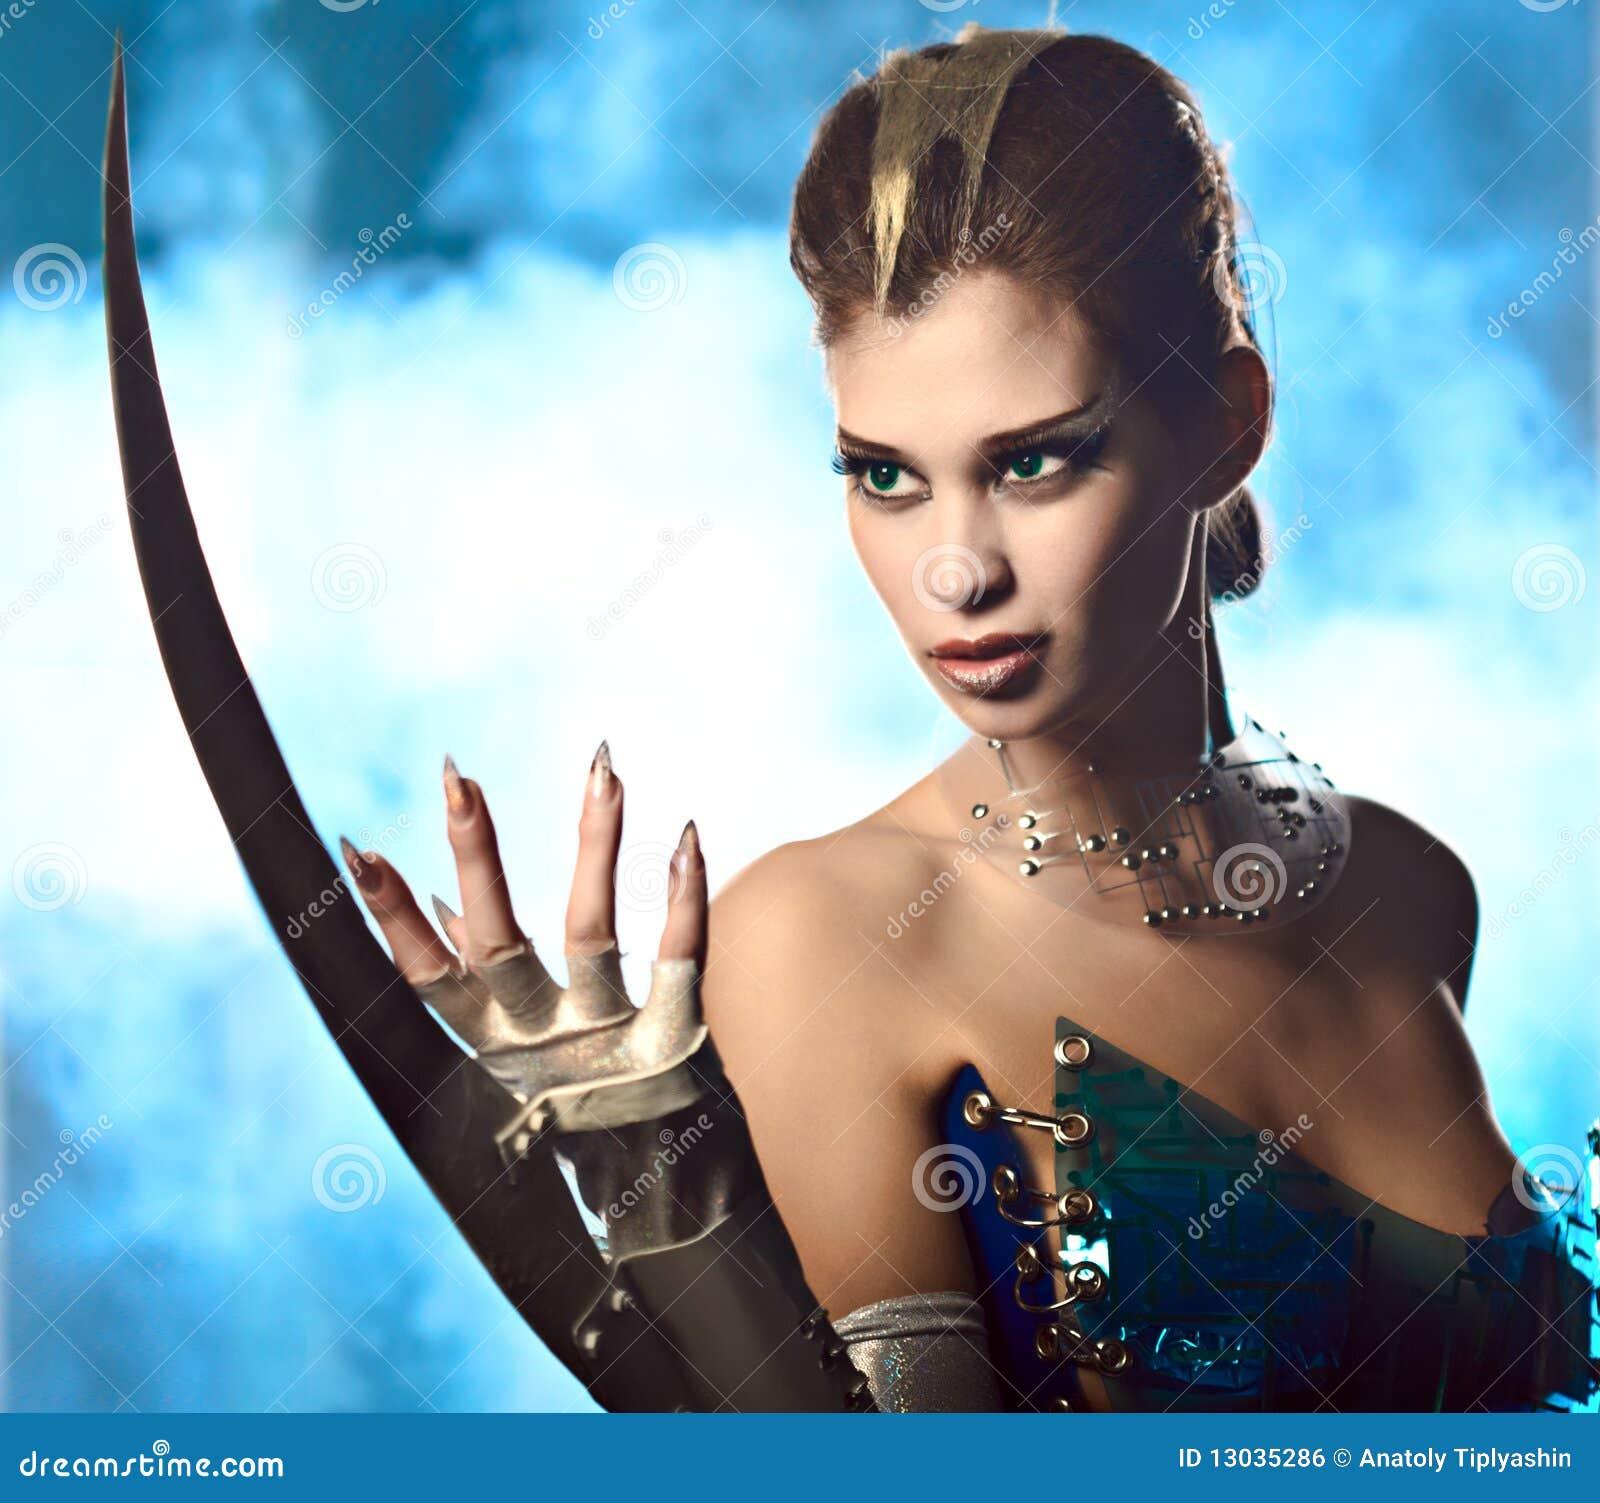 Beauty alien woman